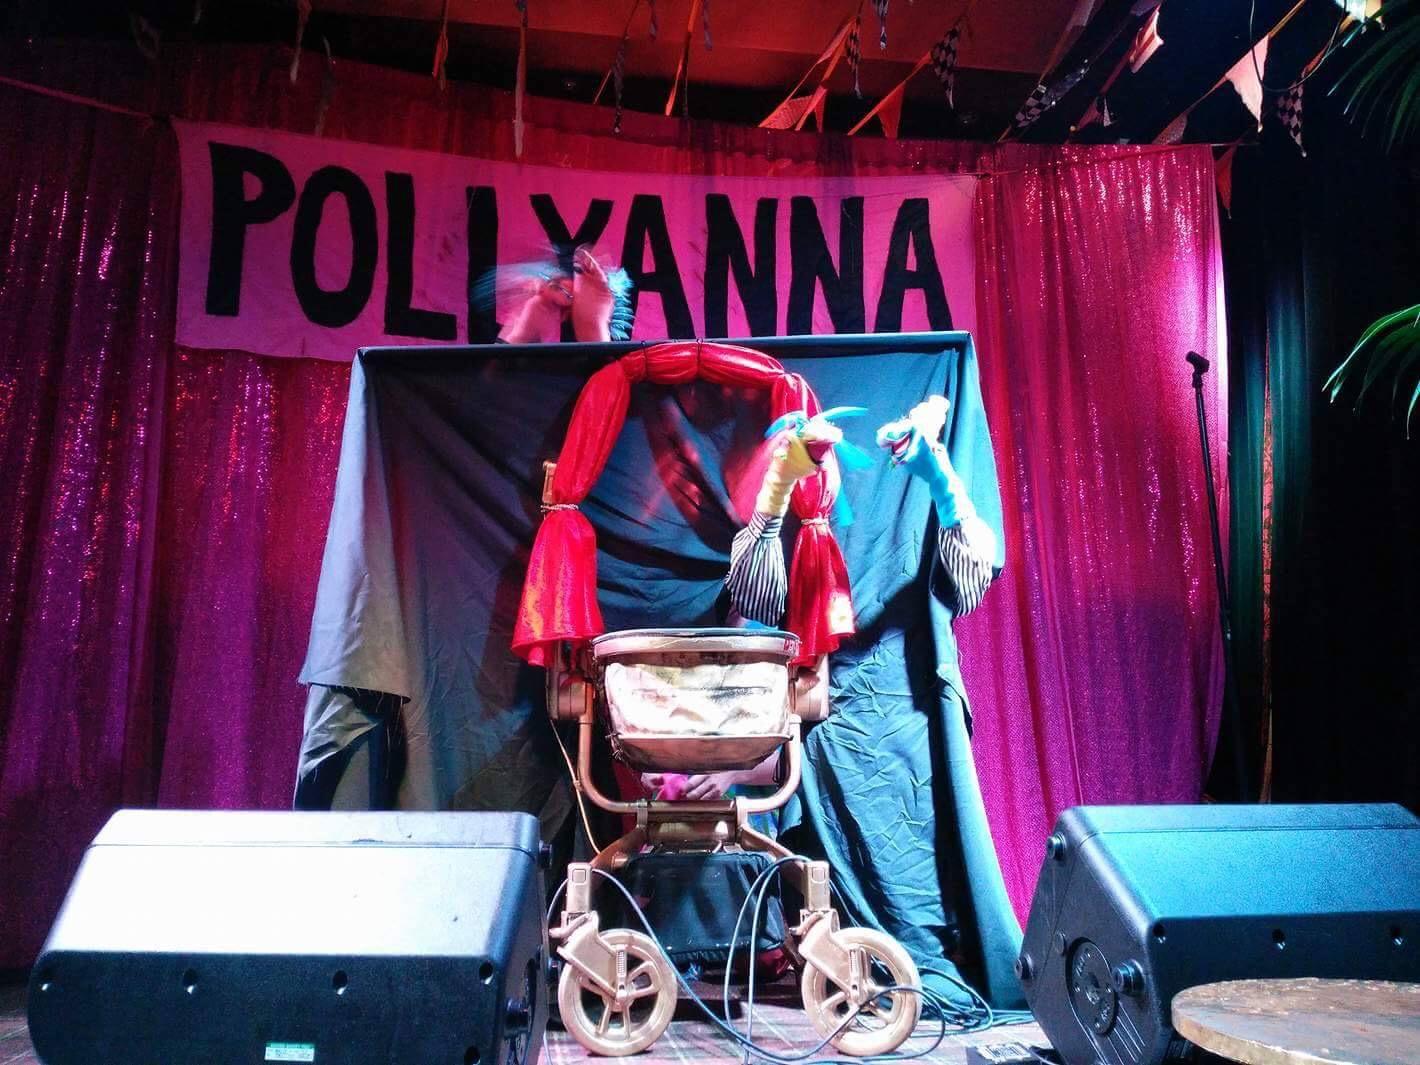 Performing at Pollyanna